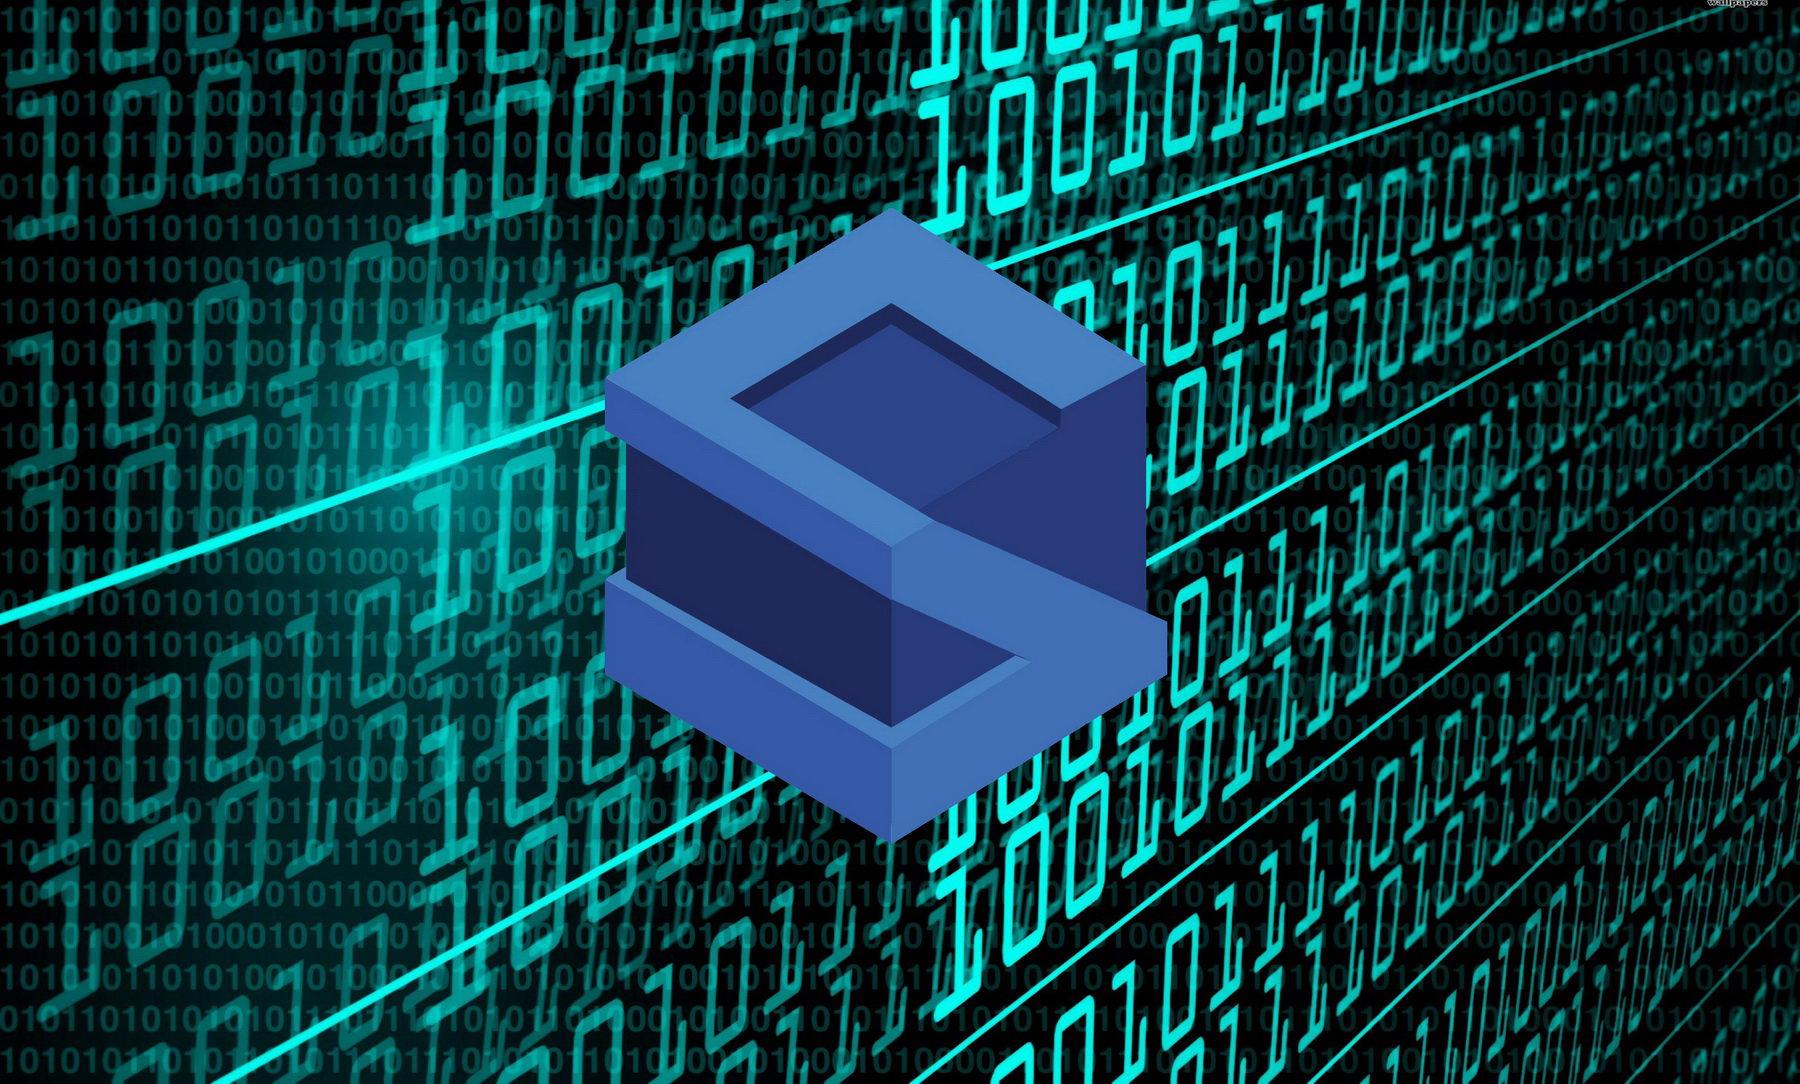 Баг в Apache Struts 2 применяется для внедрения скрытых майнеров